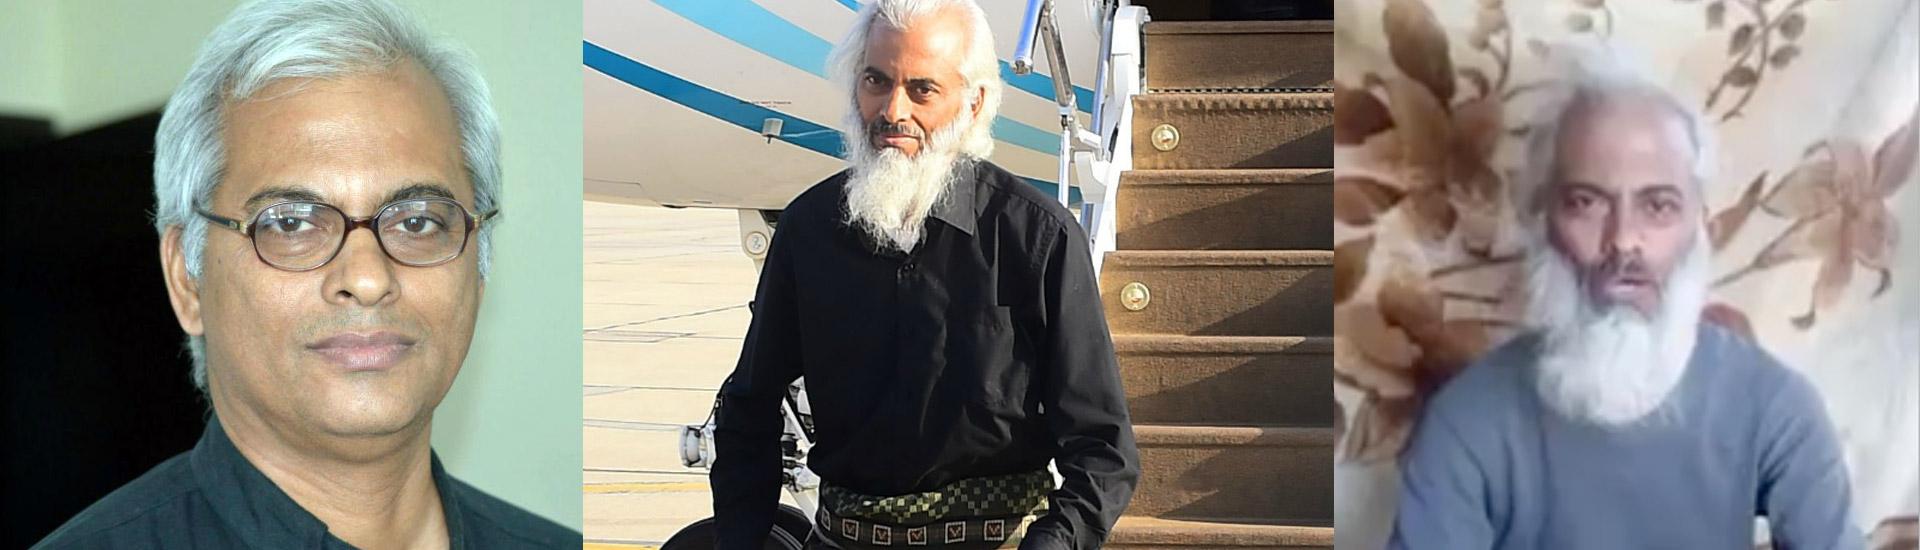 El misionero salesiano Tom Uzhunnalil, liberado en Yemen